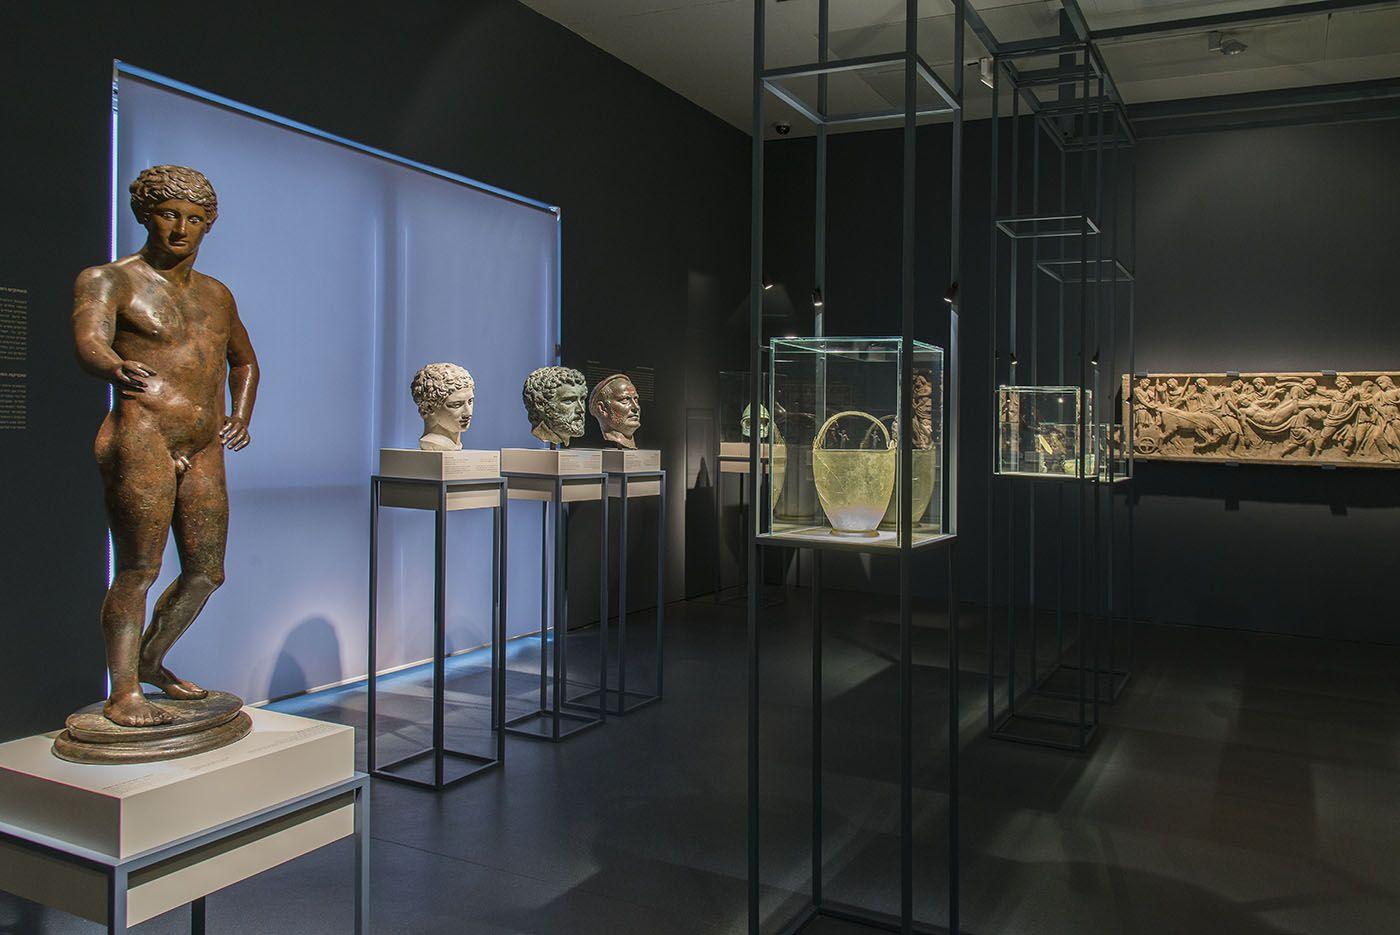 The Exhibition C The Israel Museum Jerusalem By Elie Posner Israelmuseum Aristocratictaste Belfer Exhibition Ancient Art Ancient Romans